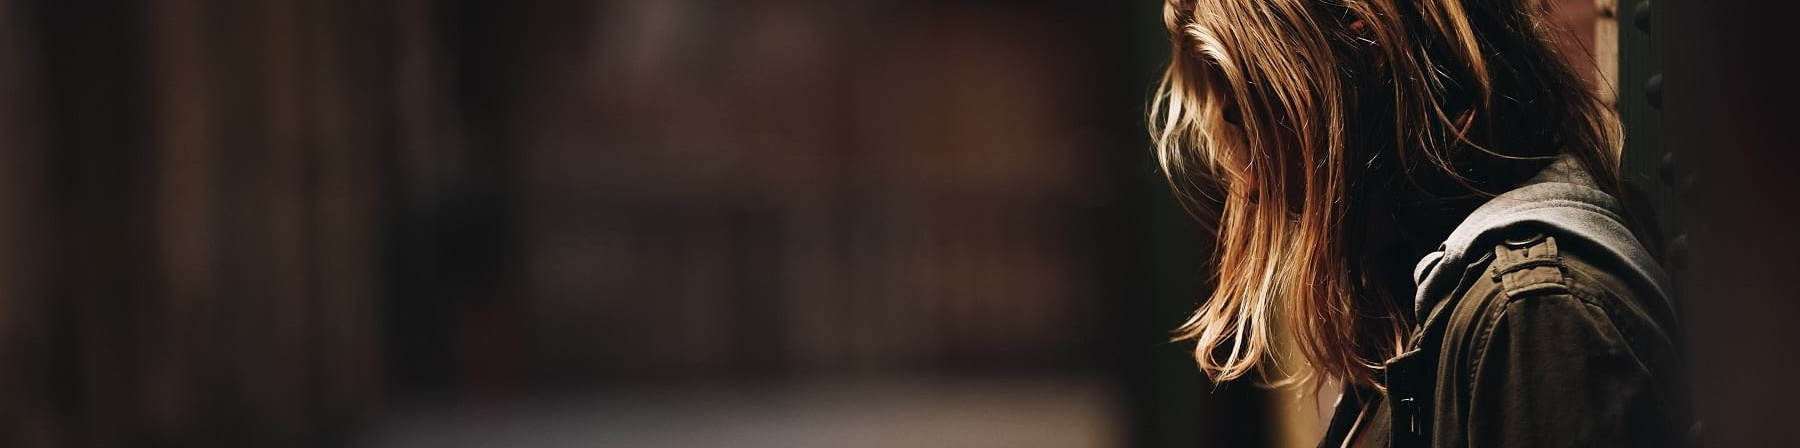 una ragazza bionda di profilo appoggiata con la schiena al muro. Guarda verso il basso e i capelli le coprono il viso. Indossa una giacca jeans e si vede sullo sfondo un corridoio vuoto e in semi oscurità.